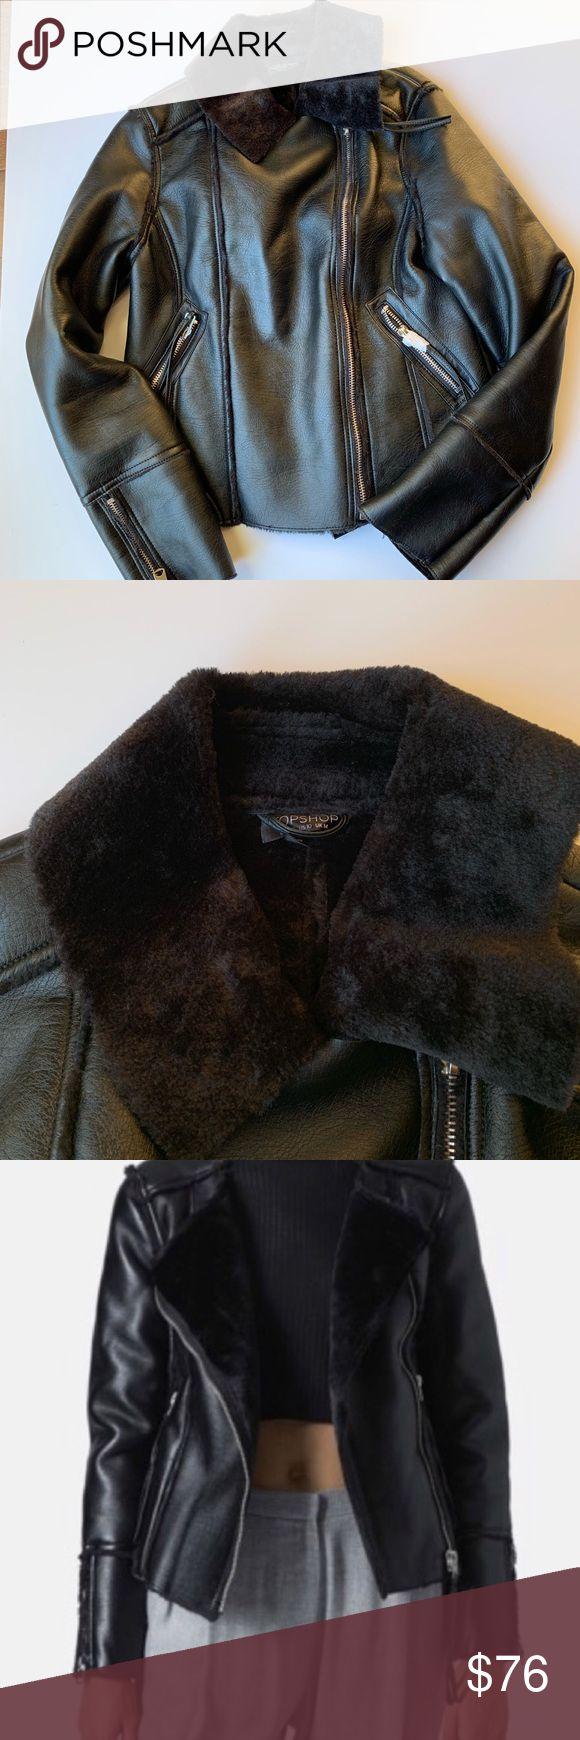 fur lined leather biker jacket Jackets,